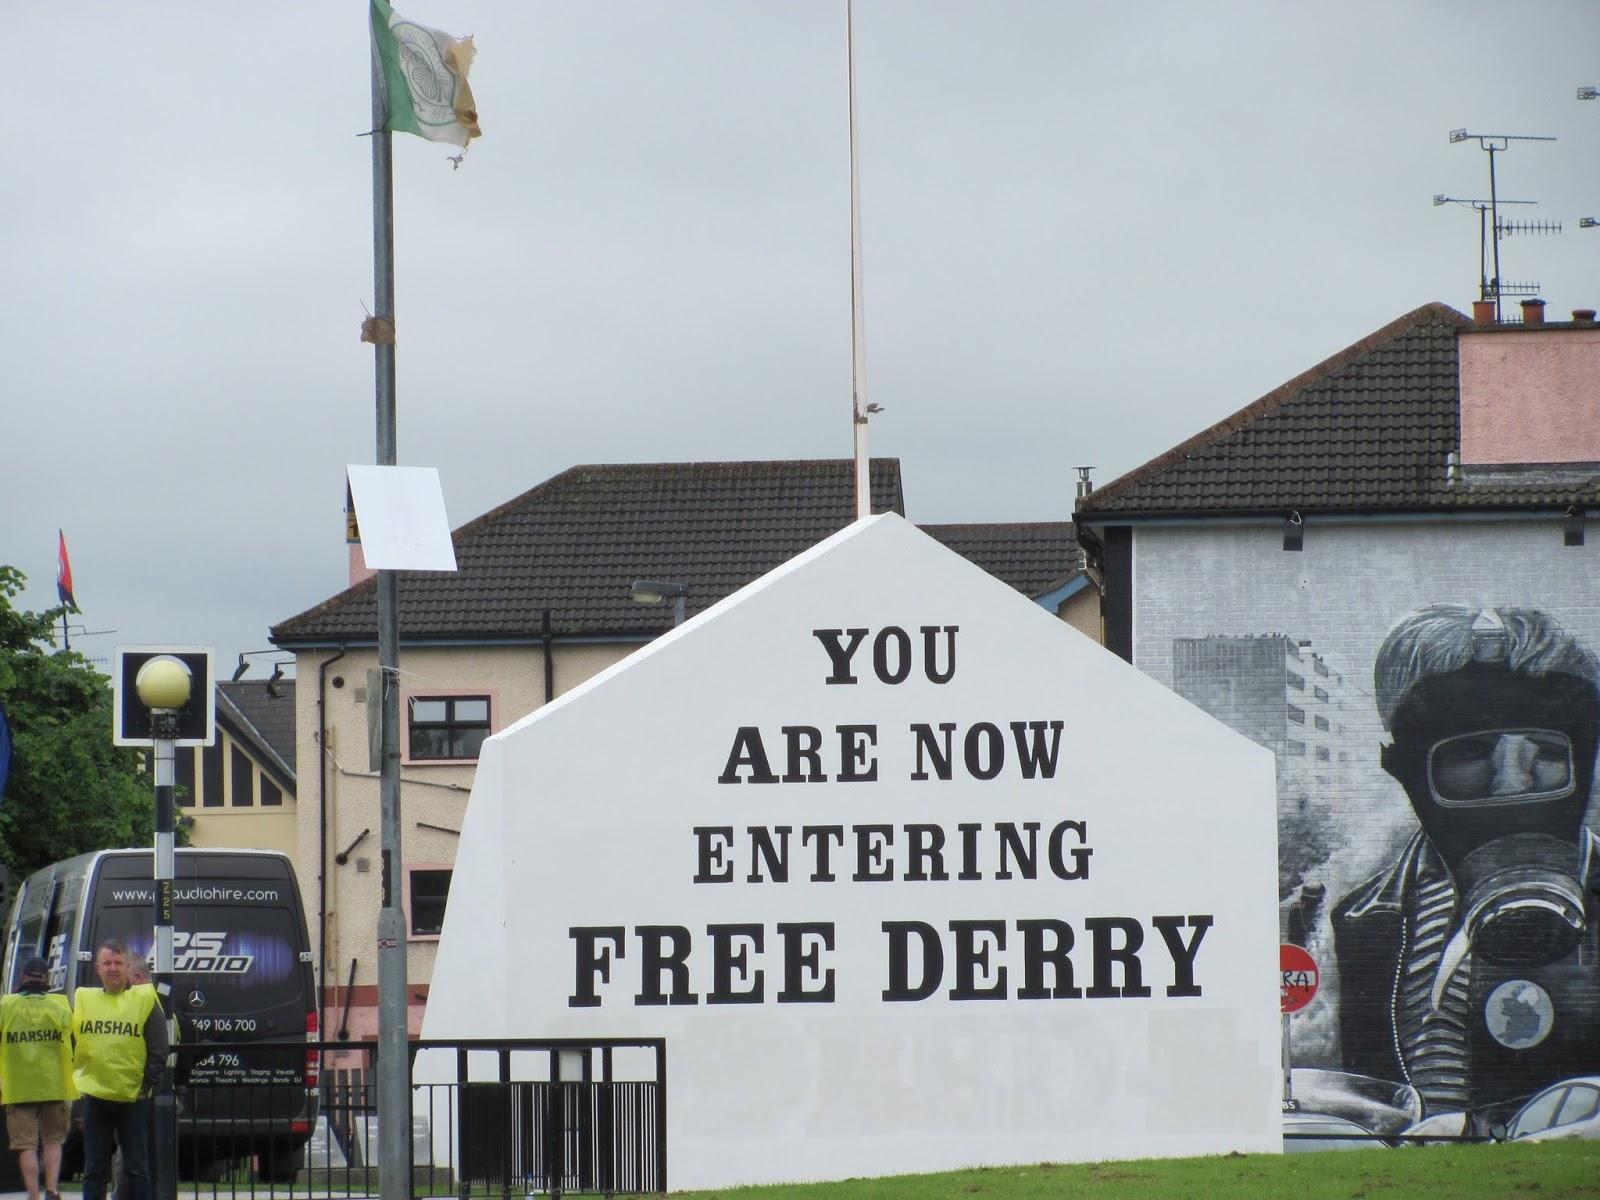 Free Derry Corner, Petrol Bomber mural